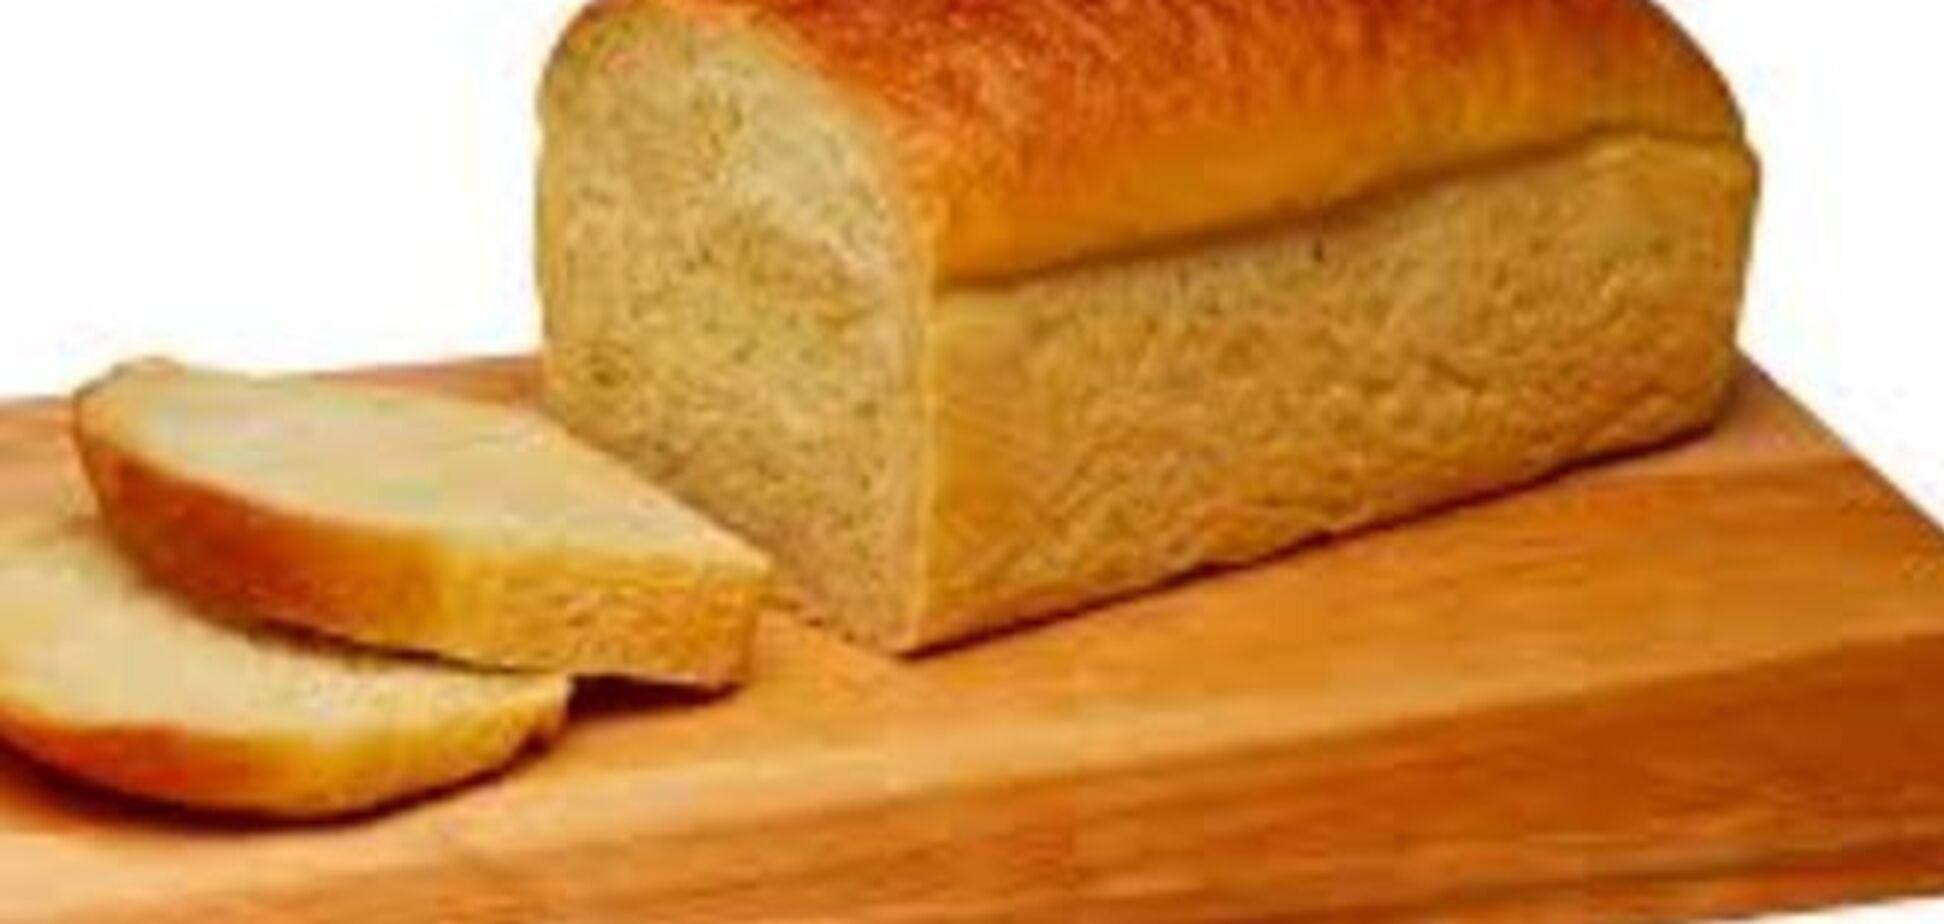 Как сделать черствый хлеб снова свежим внутри и хрустящим снаружи